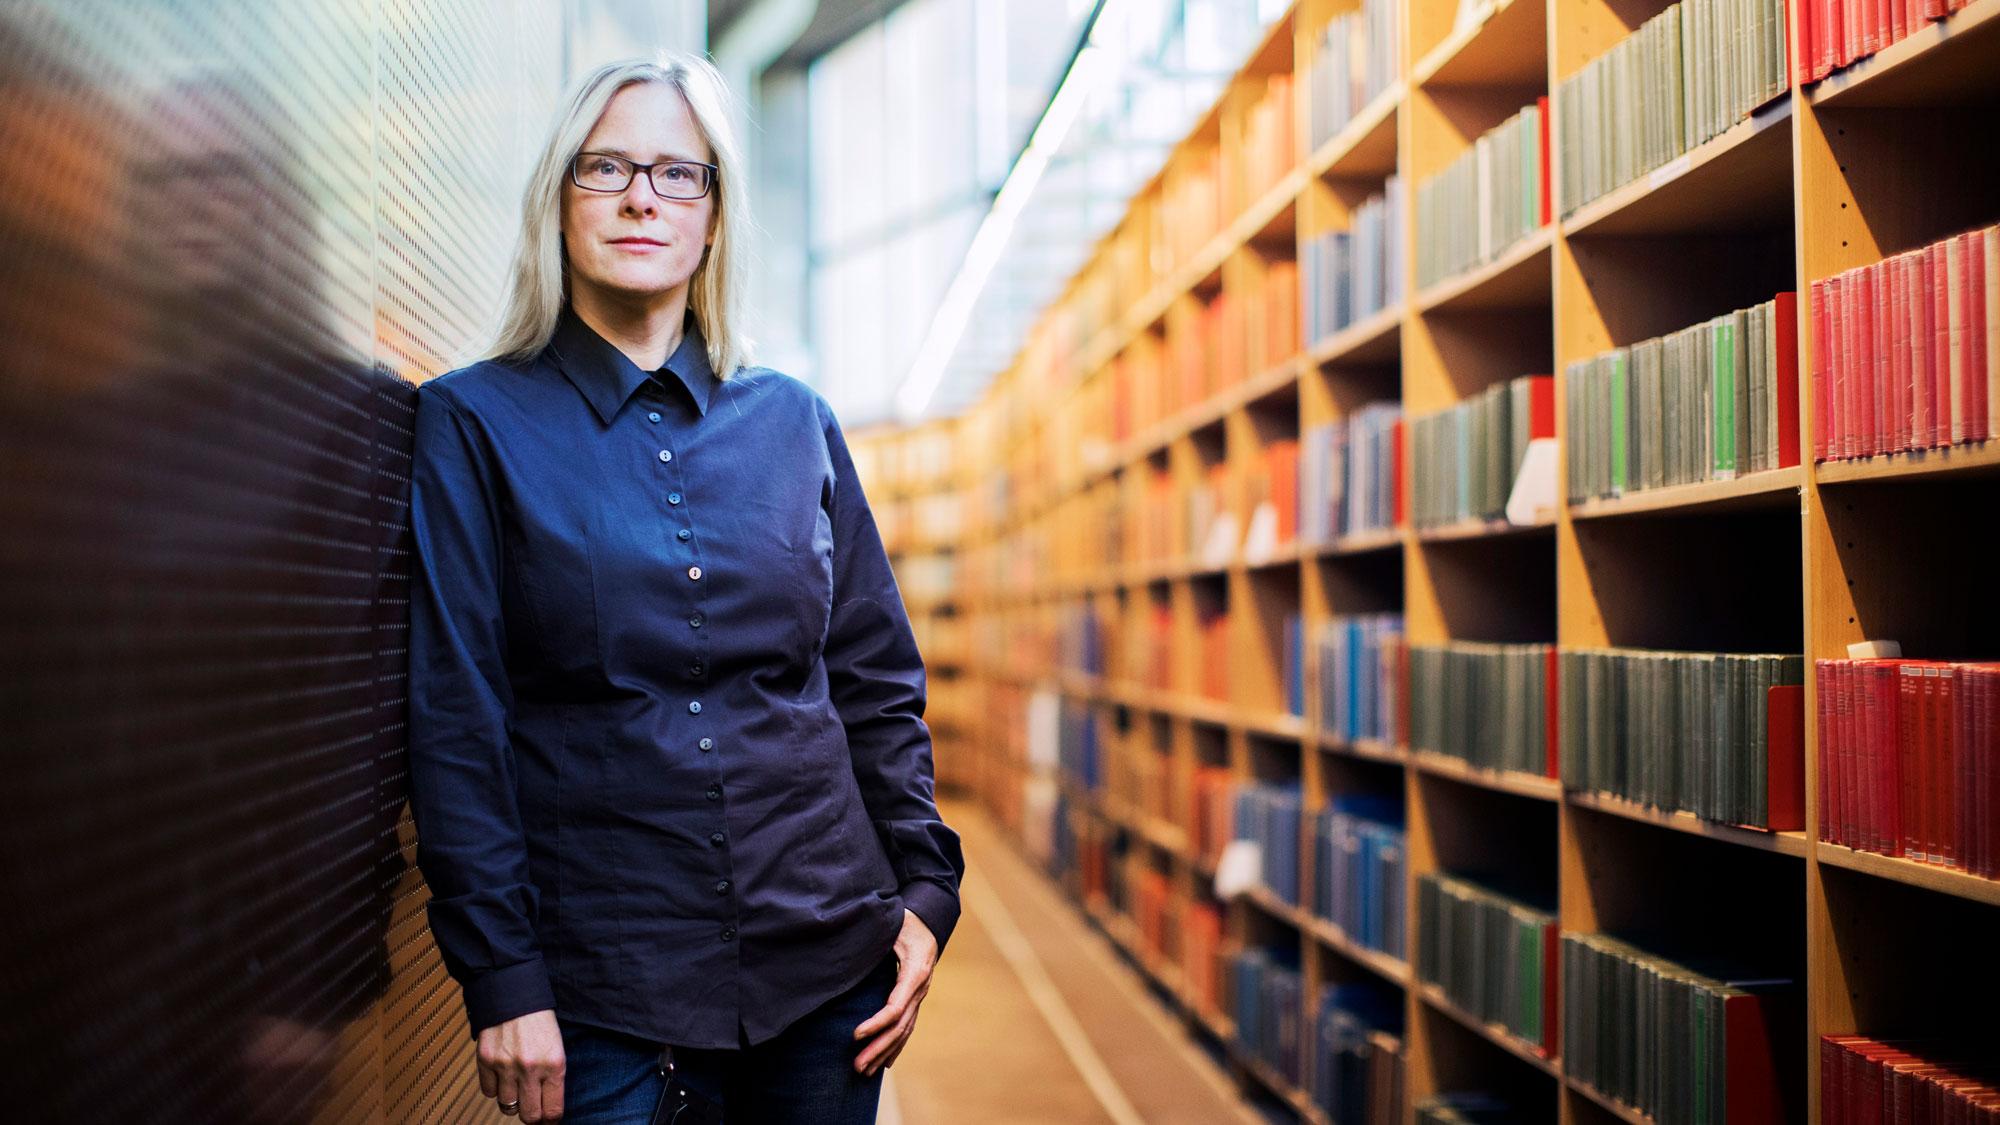 Marika Nestor, docent i medicinsk strålningsvetenskap vid Rudbecklaboratoriet i Uppsala